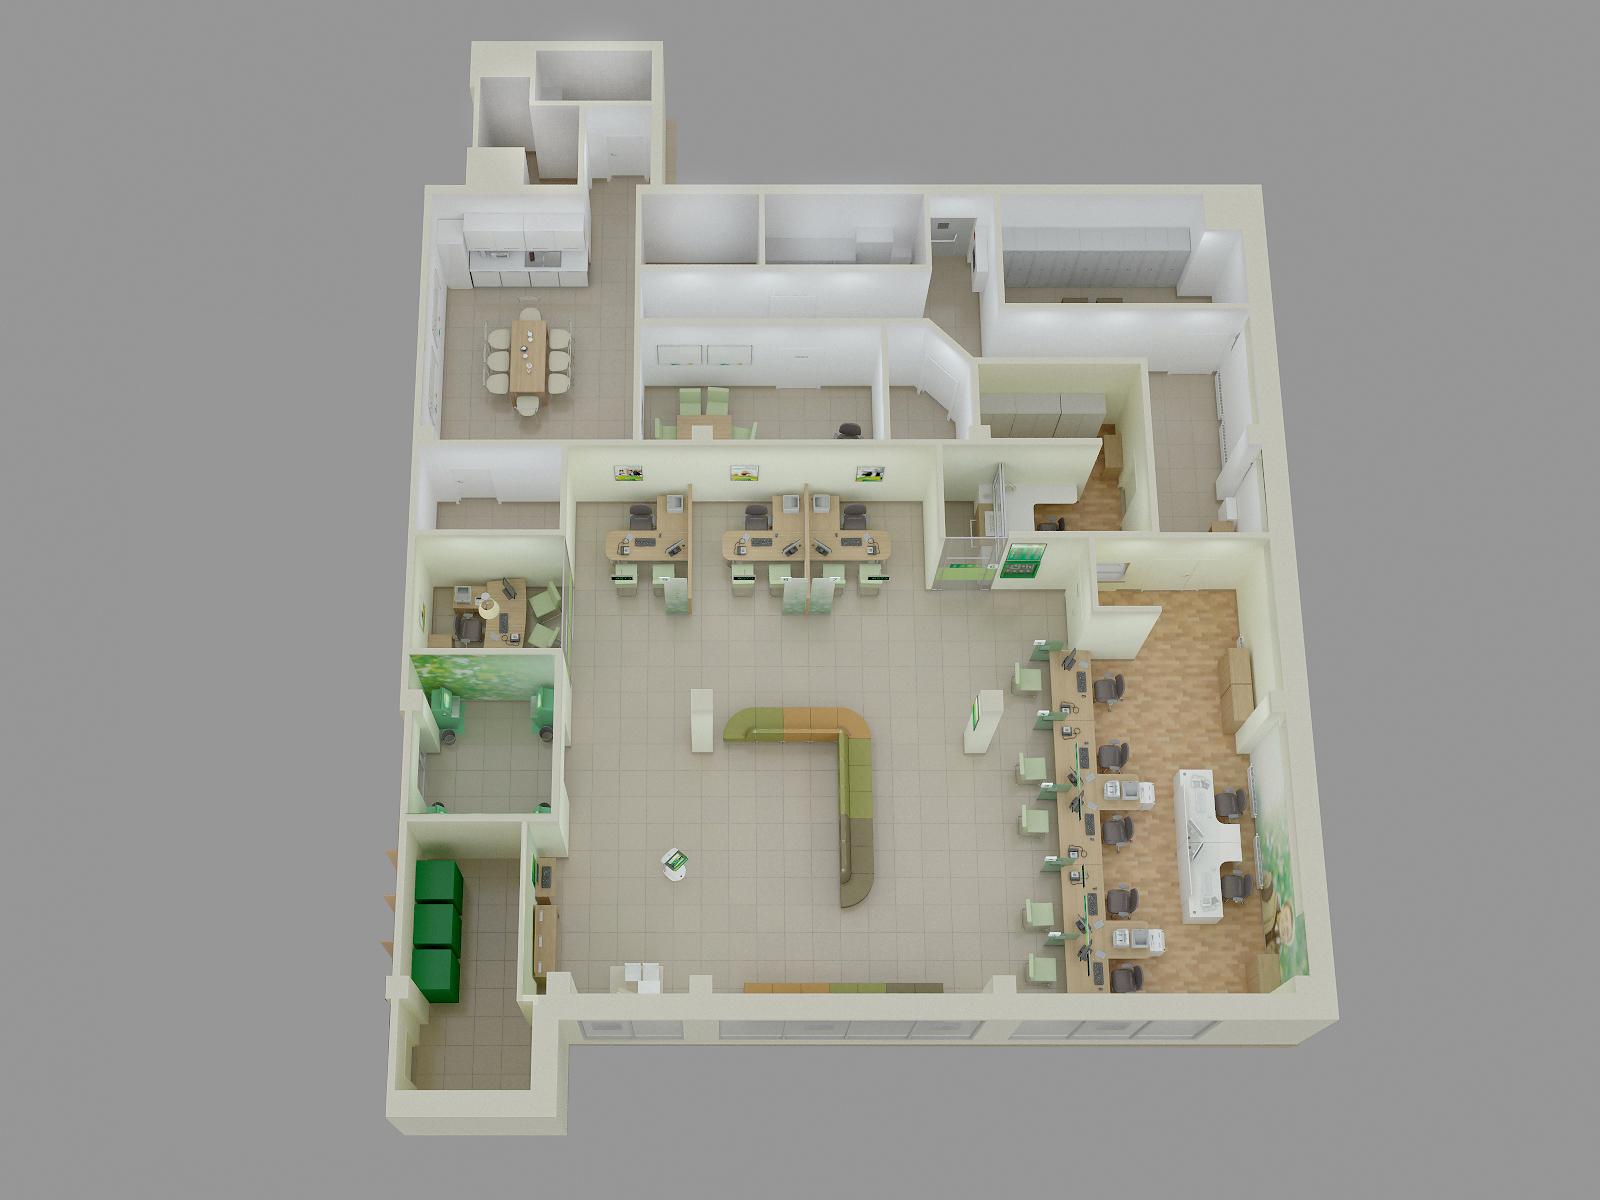 Перепланировка нежилого помещения: согласование и